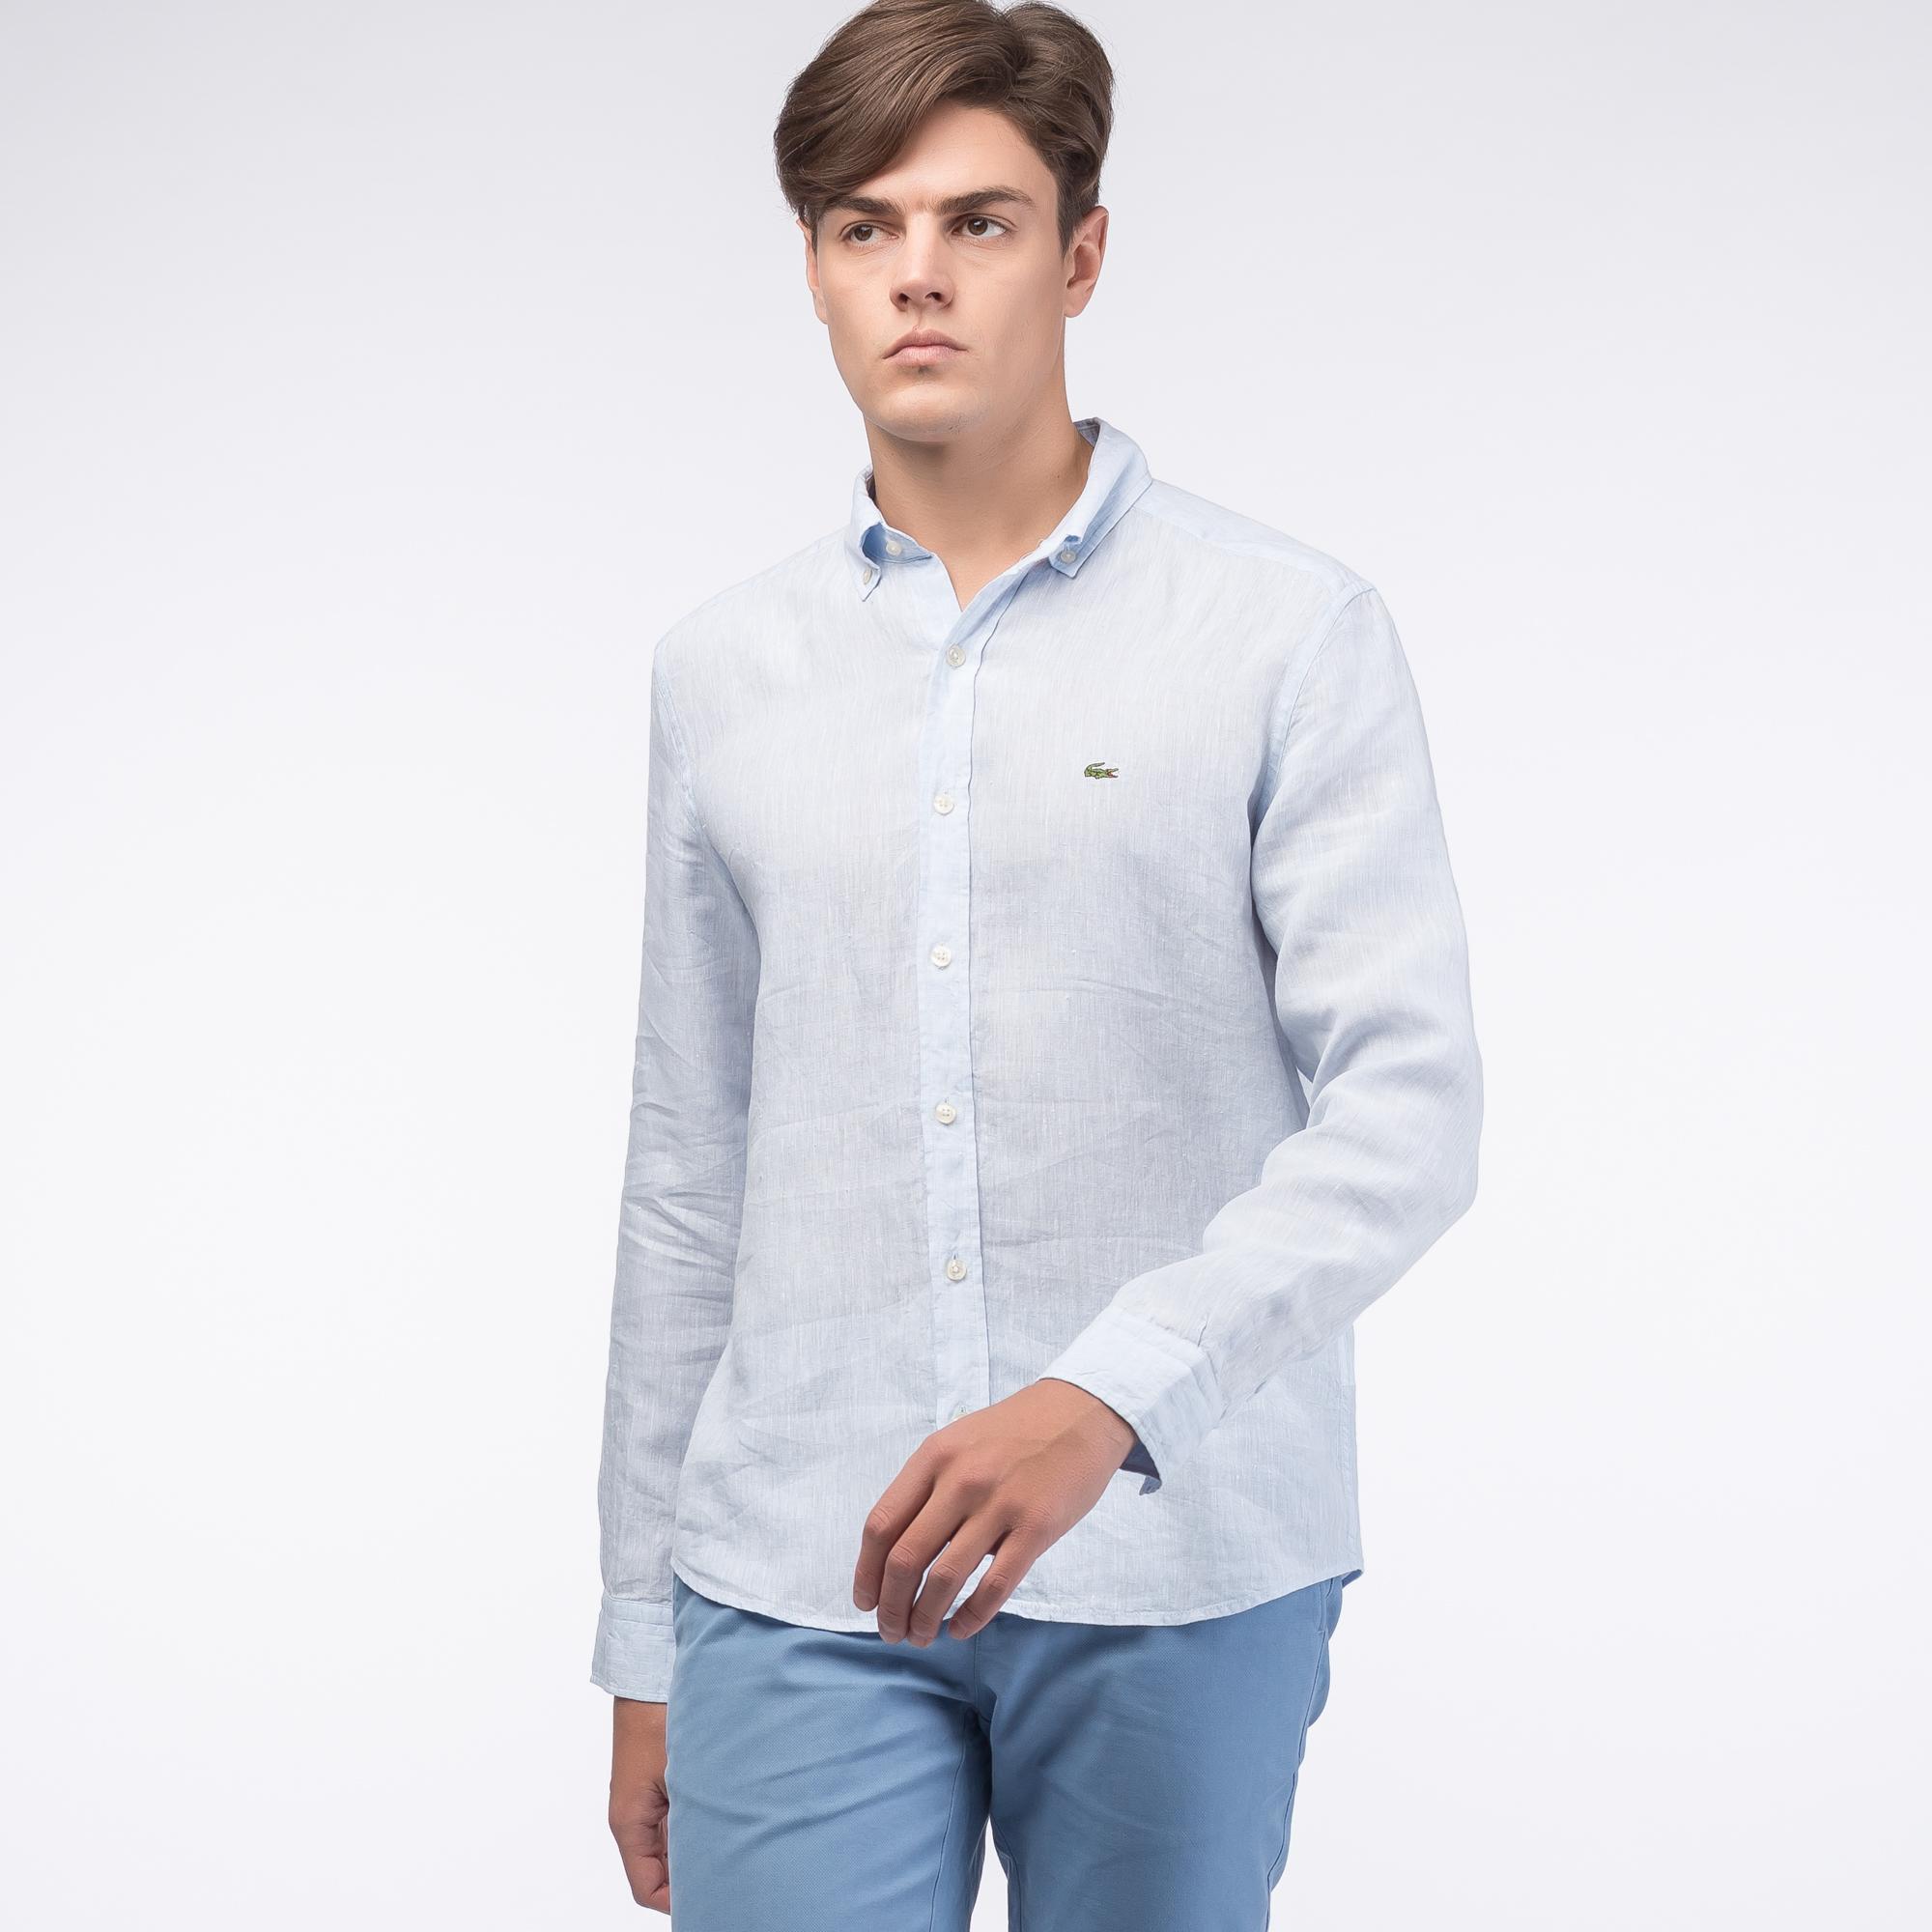 Фото 3 - Рубашку Lacoste Regular fit голубого цвета